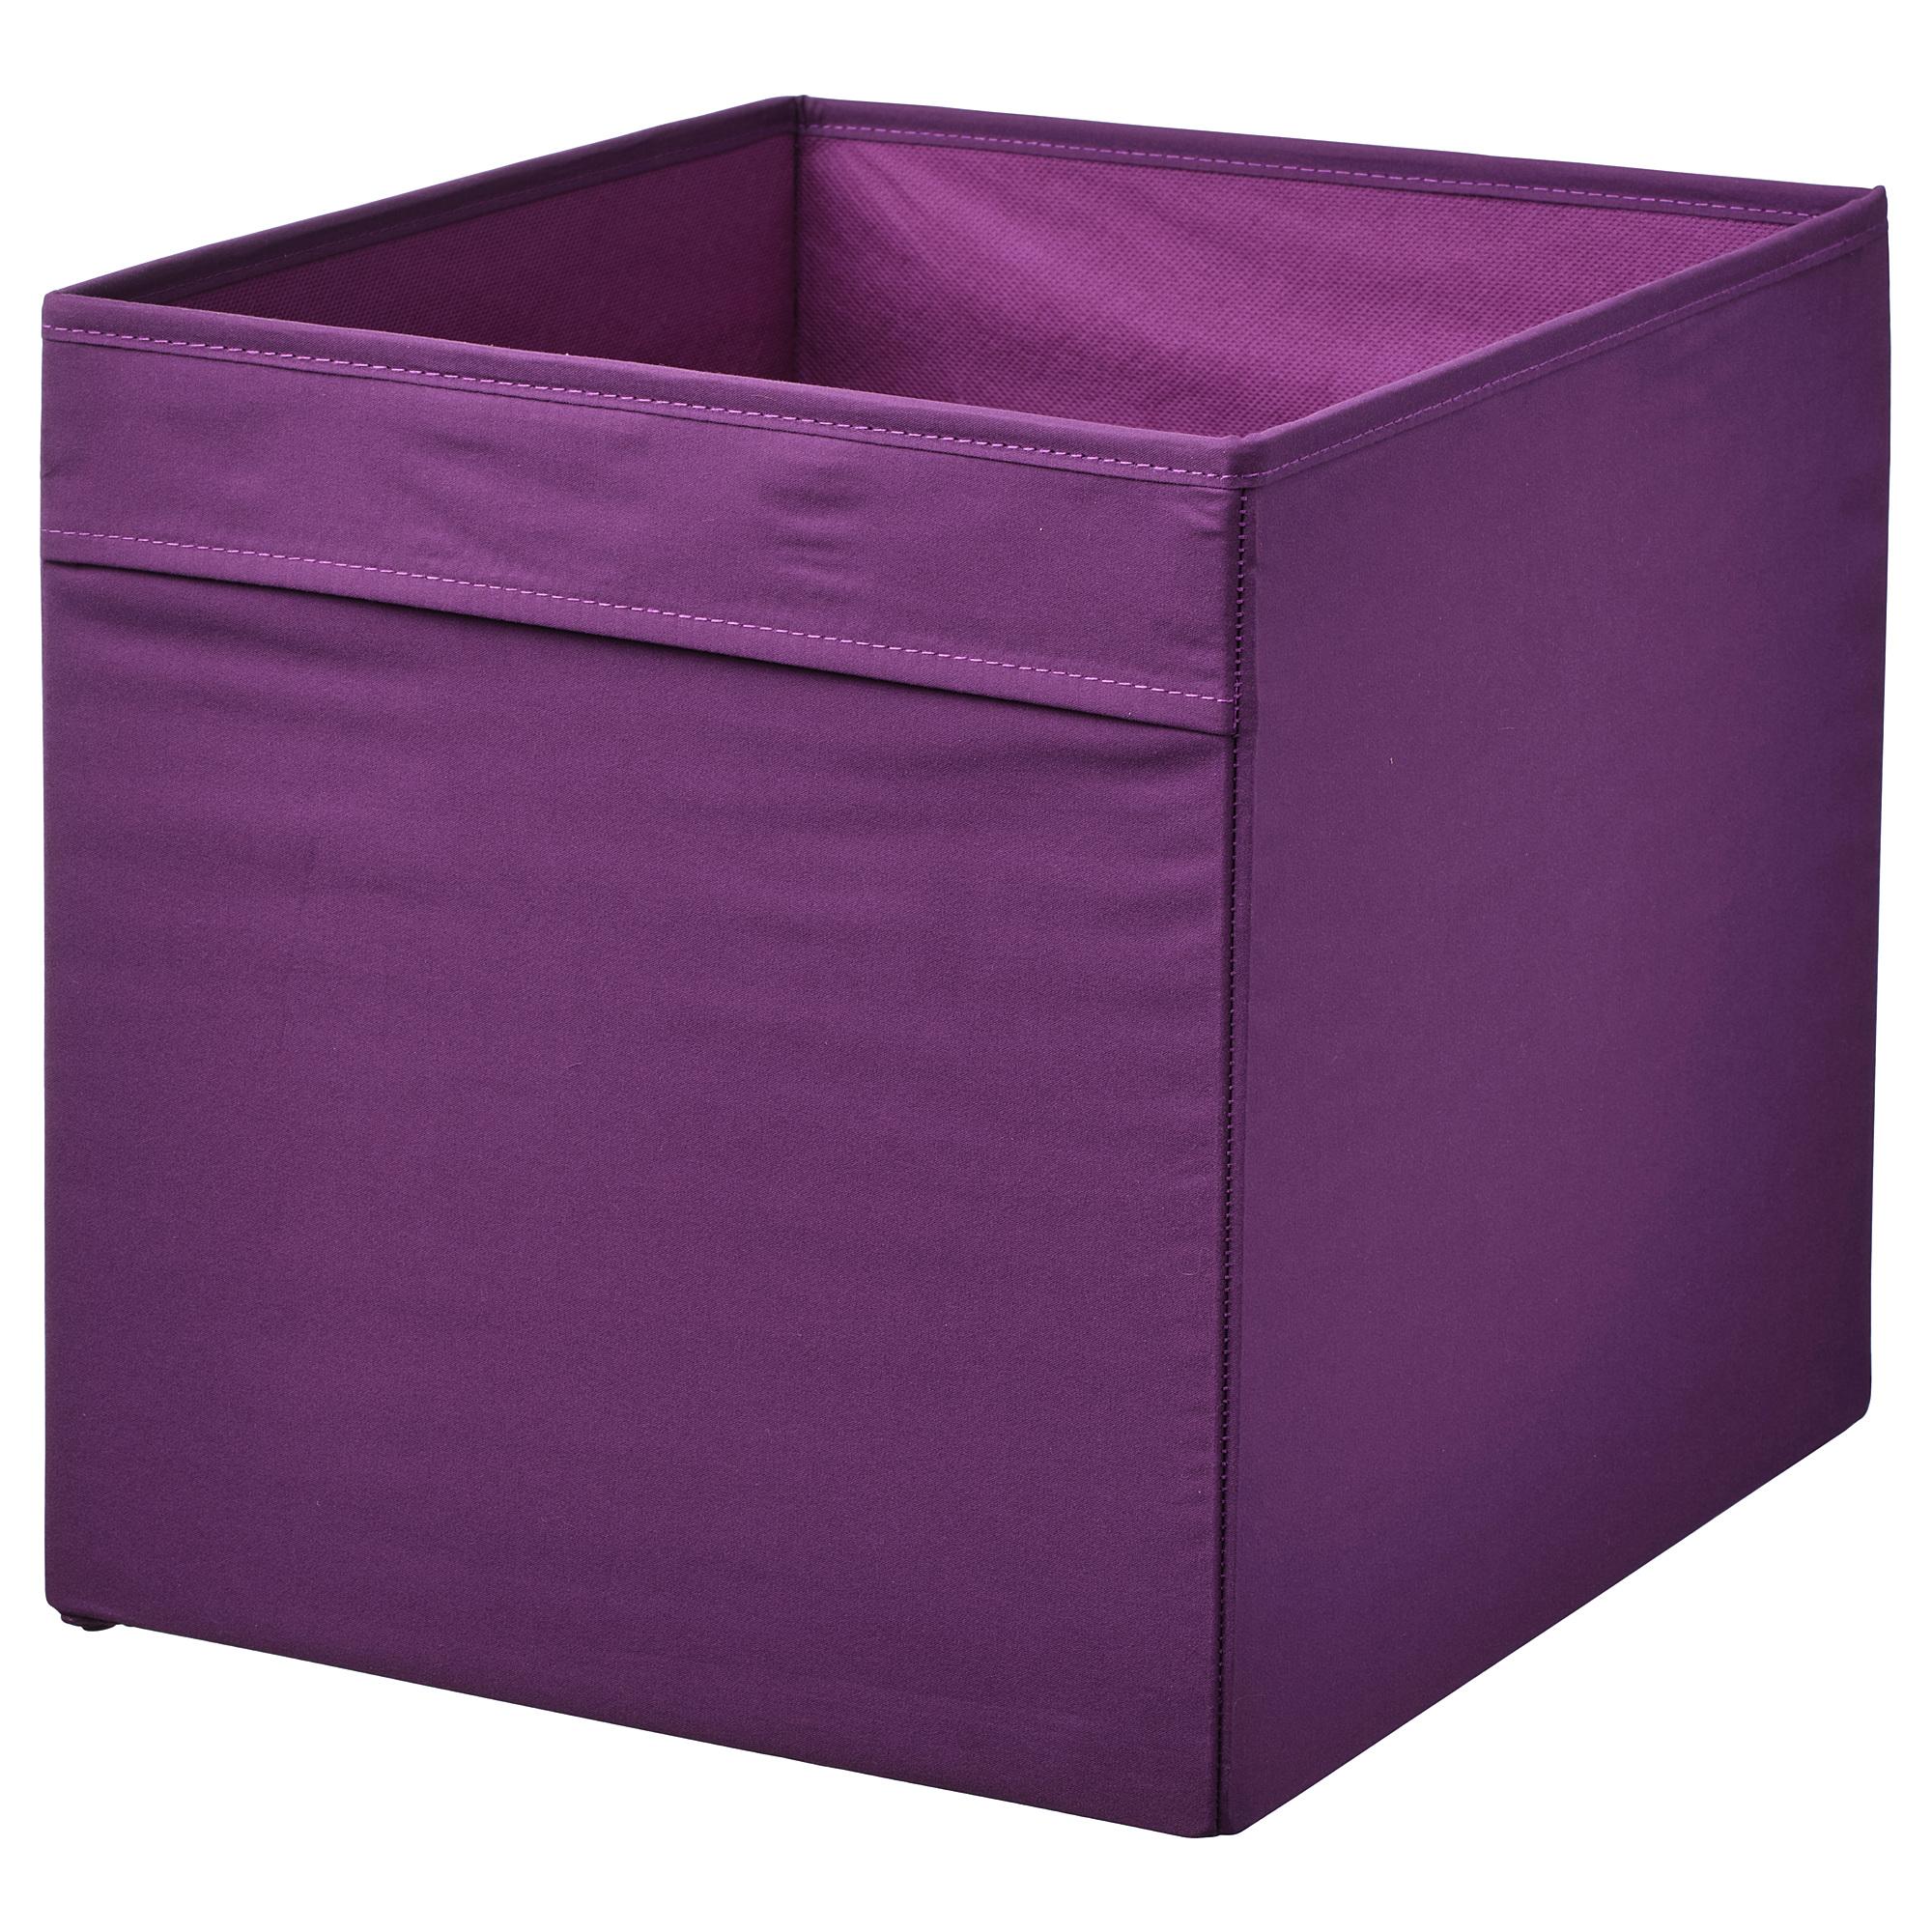 收納盒, , 紫色, 另有其他顏色可選擇